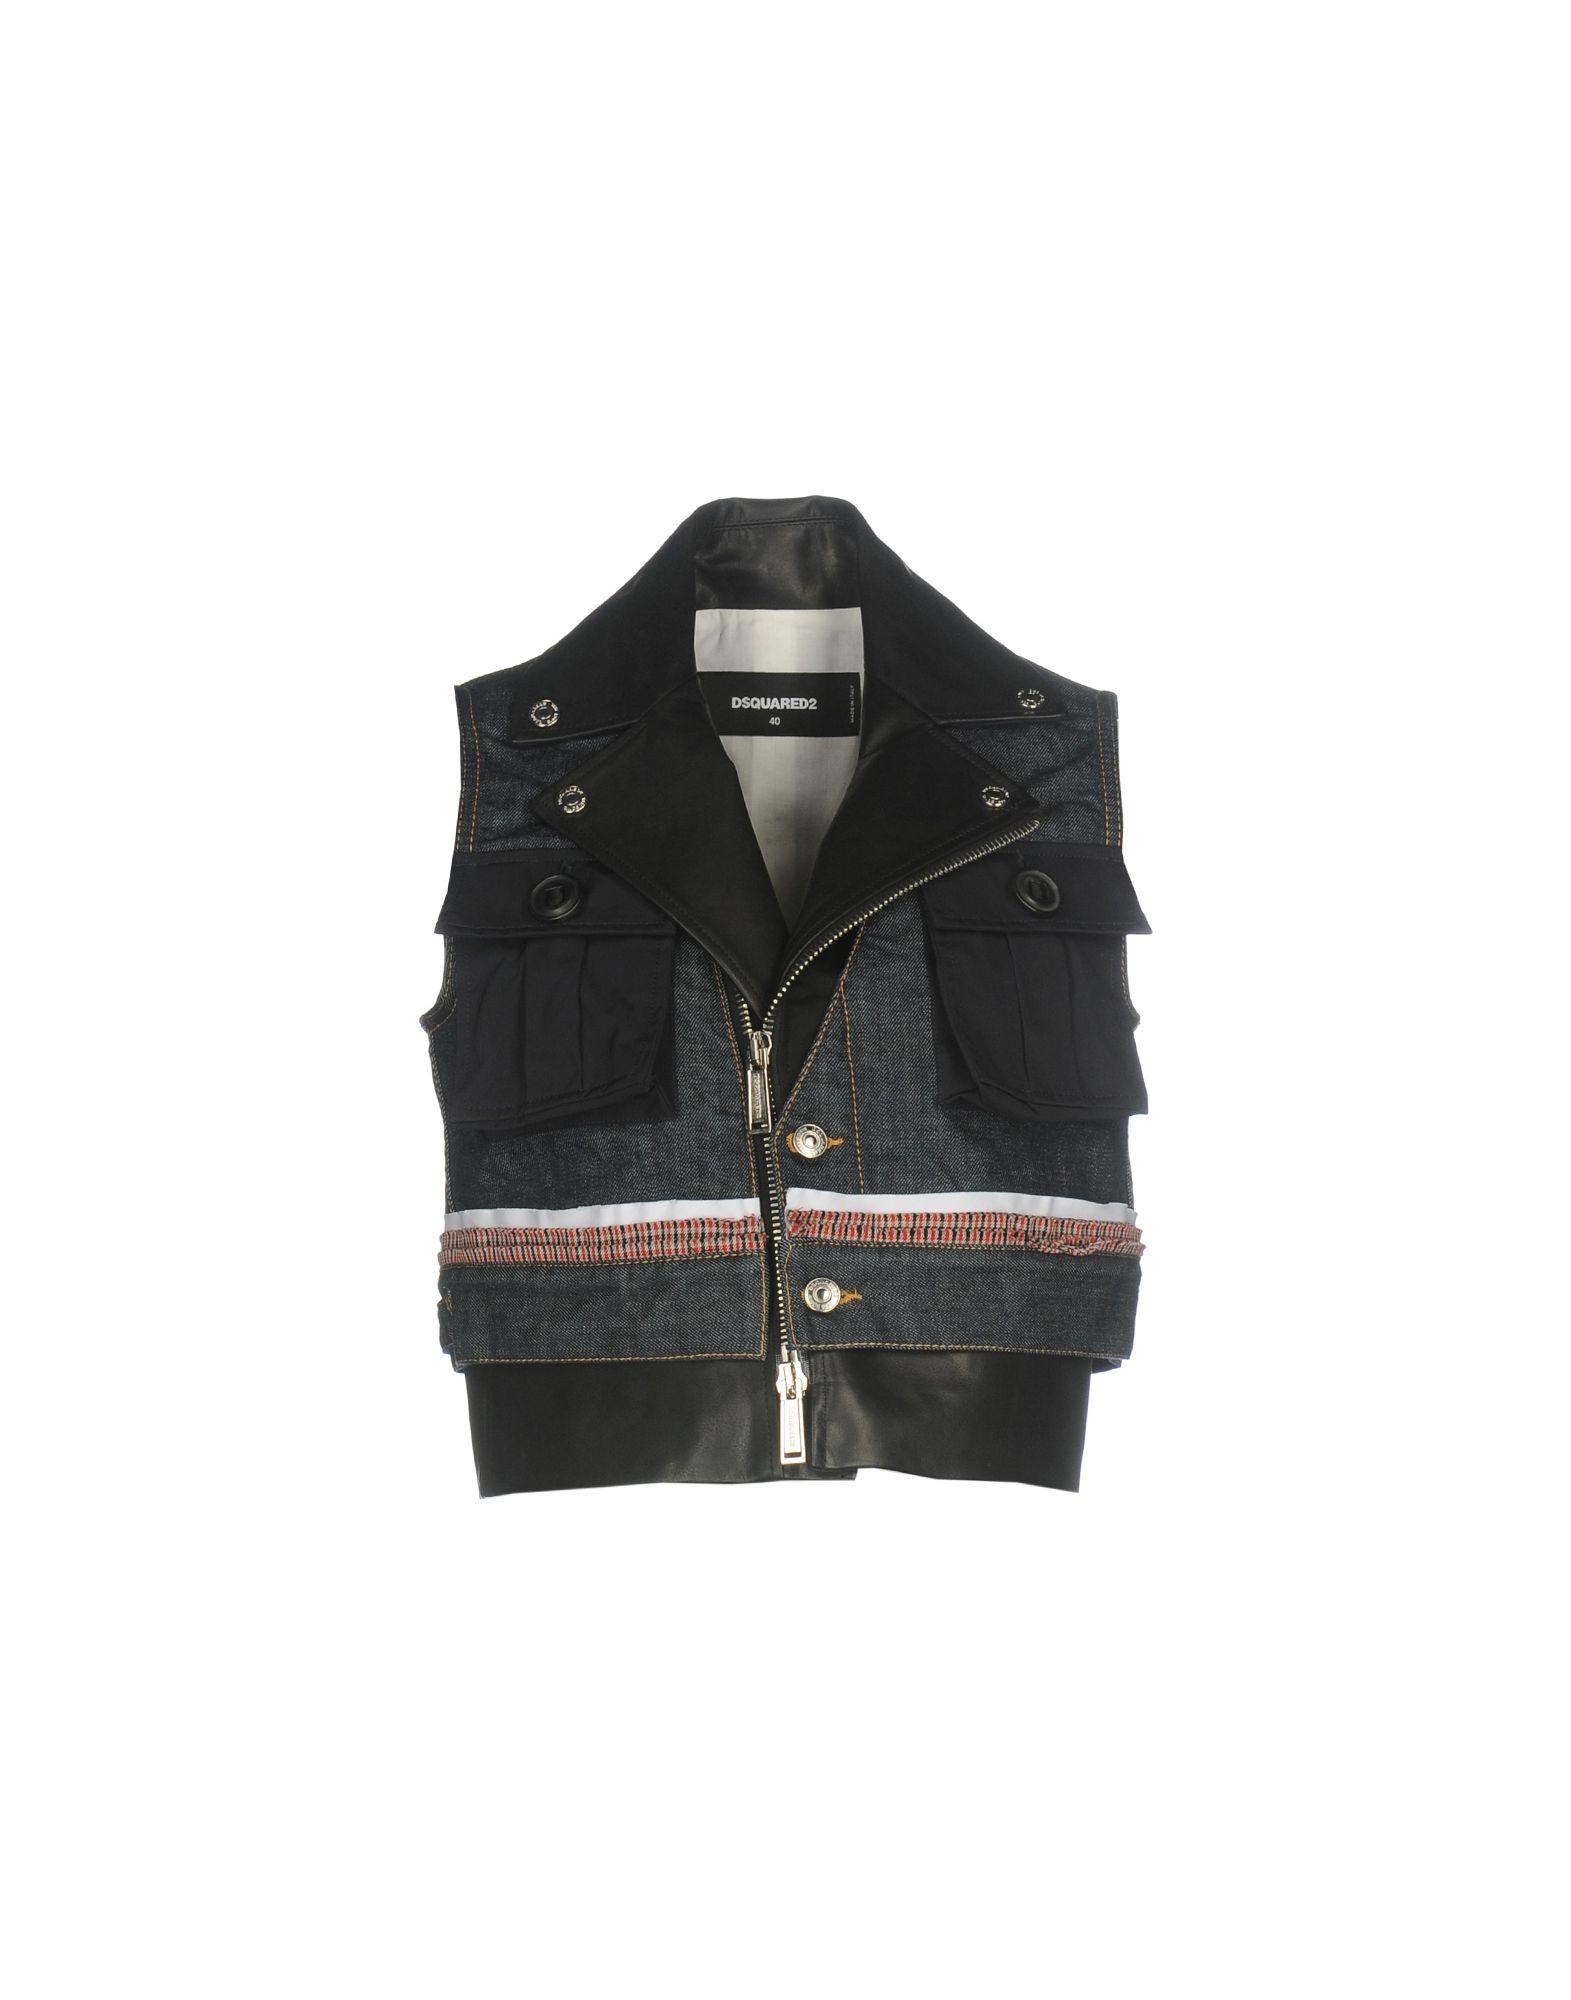 Giubbotto Jeans Dsquared2 Donna - Acquista online su i0fOOsDcAT